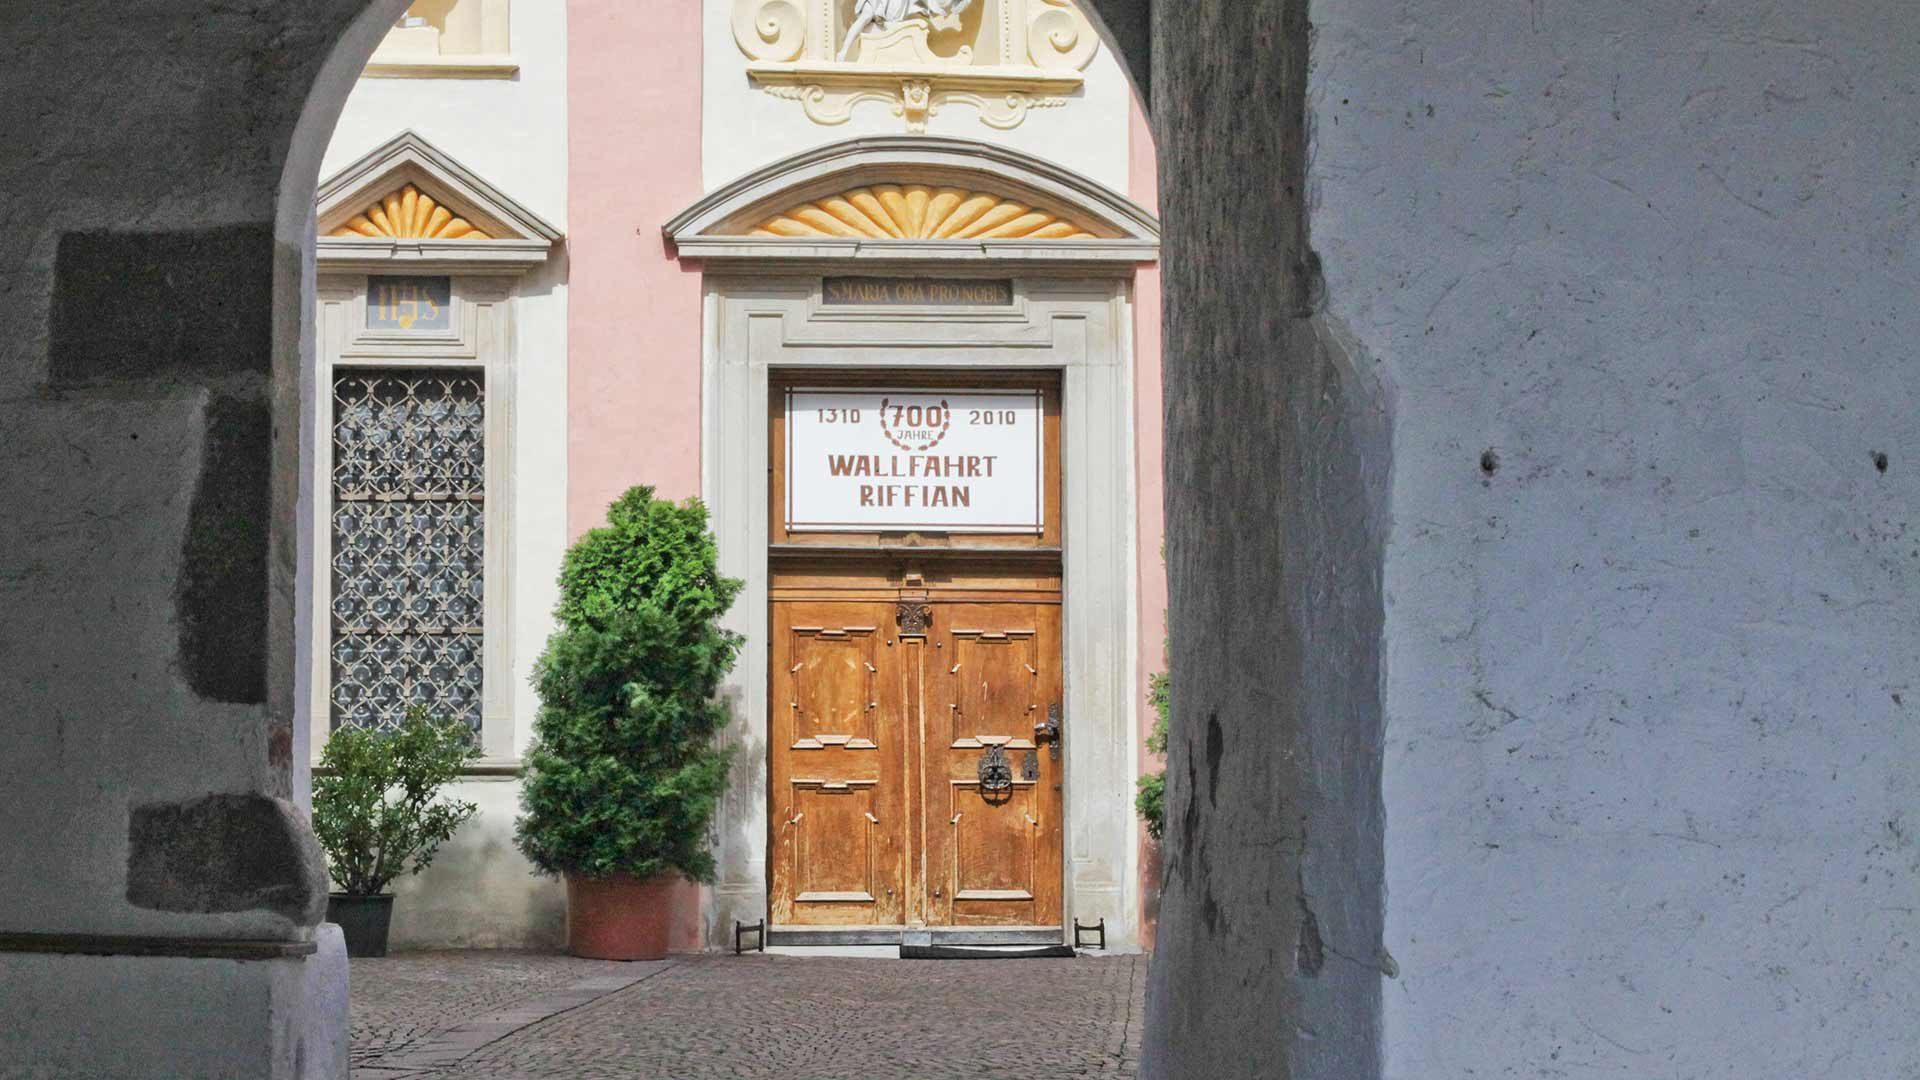 Wallfahrtskirche in Riffian